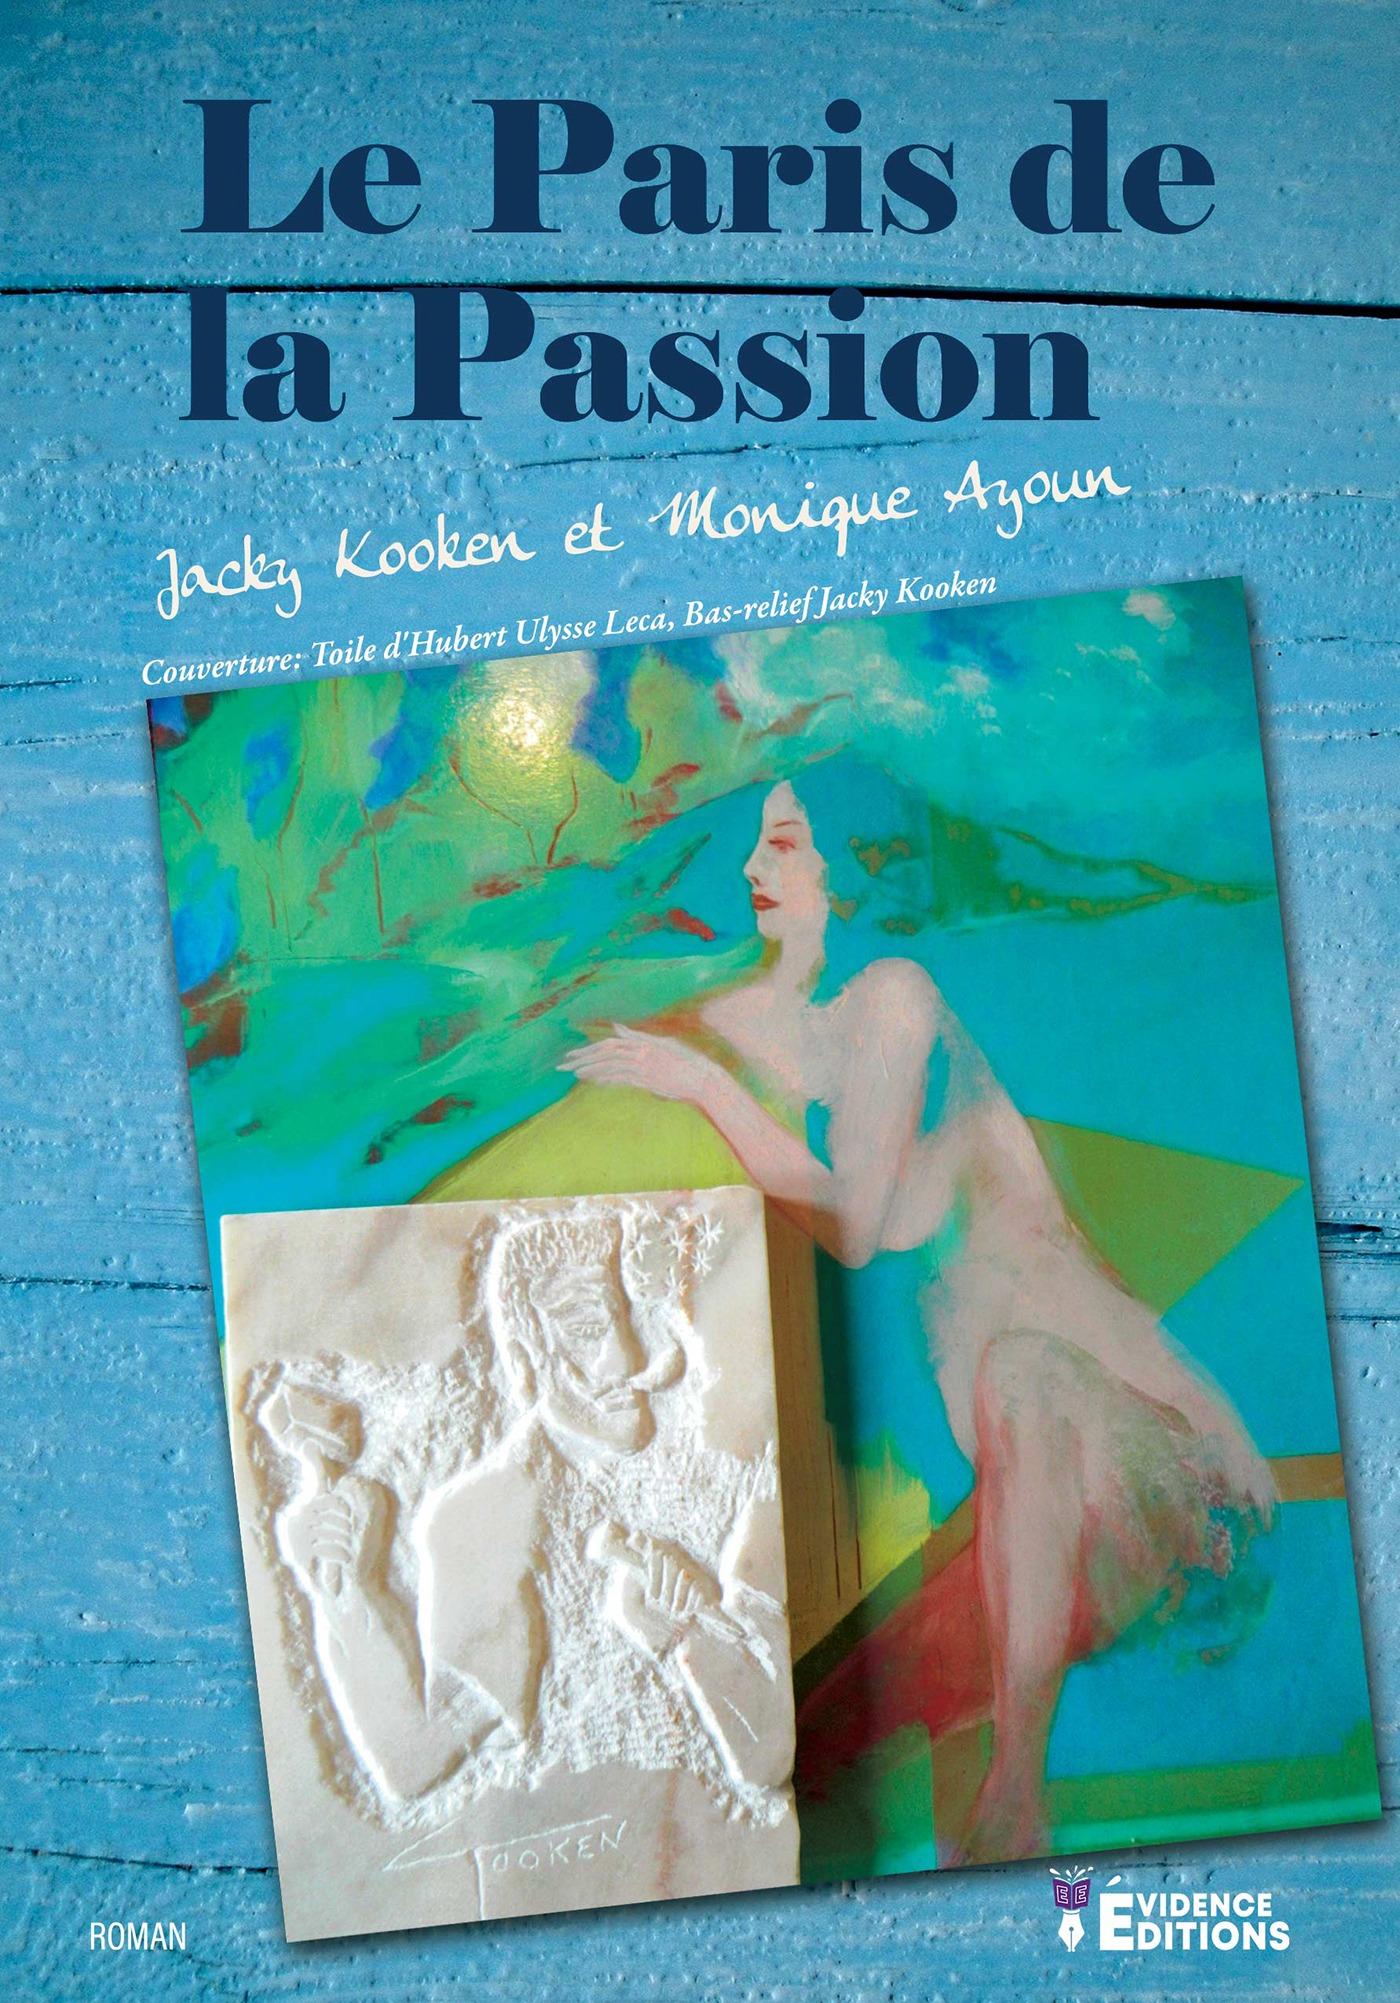 La Paris de la Passion